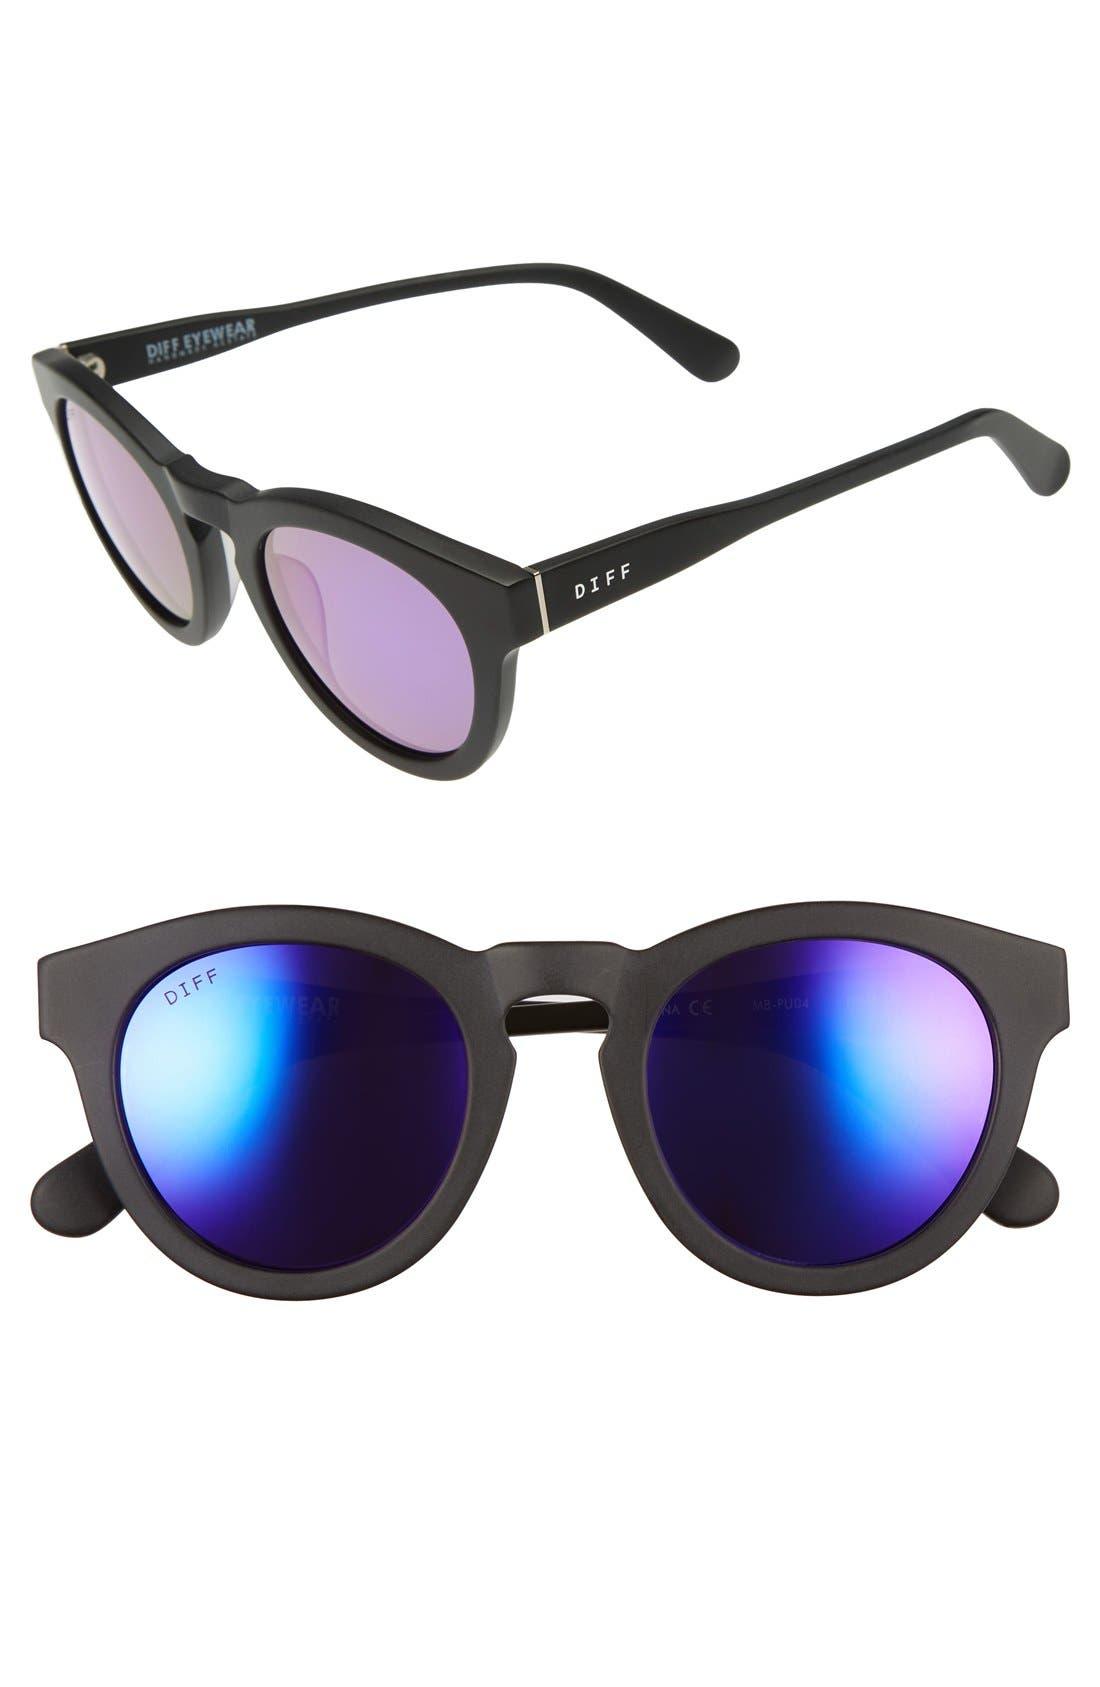 DIFF Dime II 48mm Retro Sunglasses